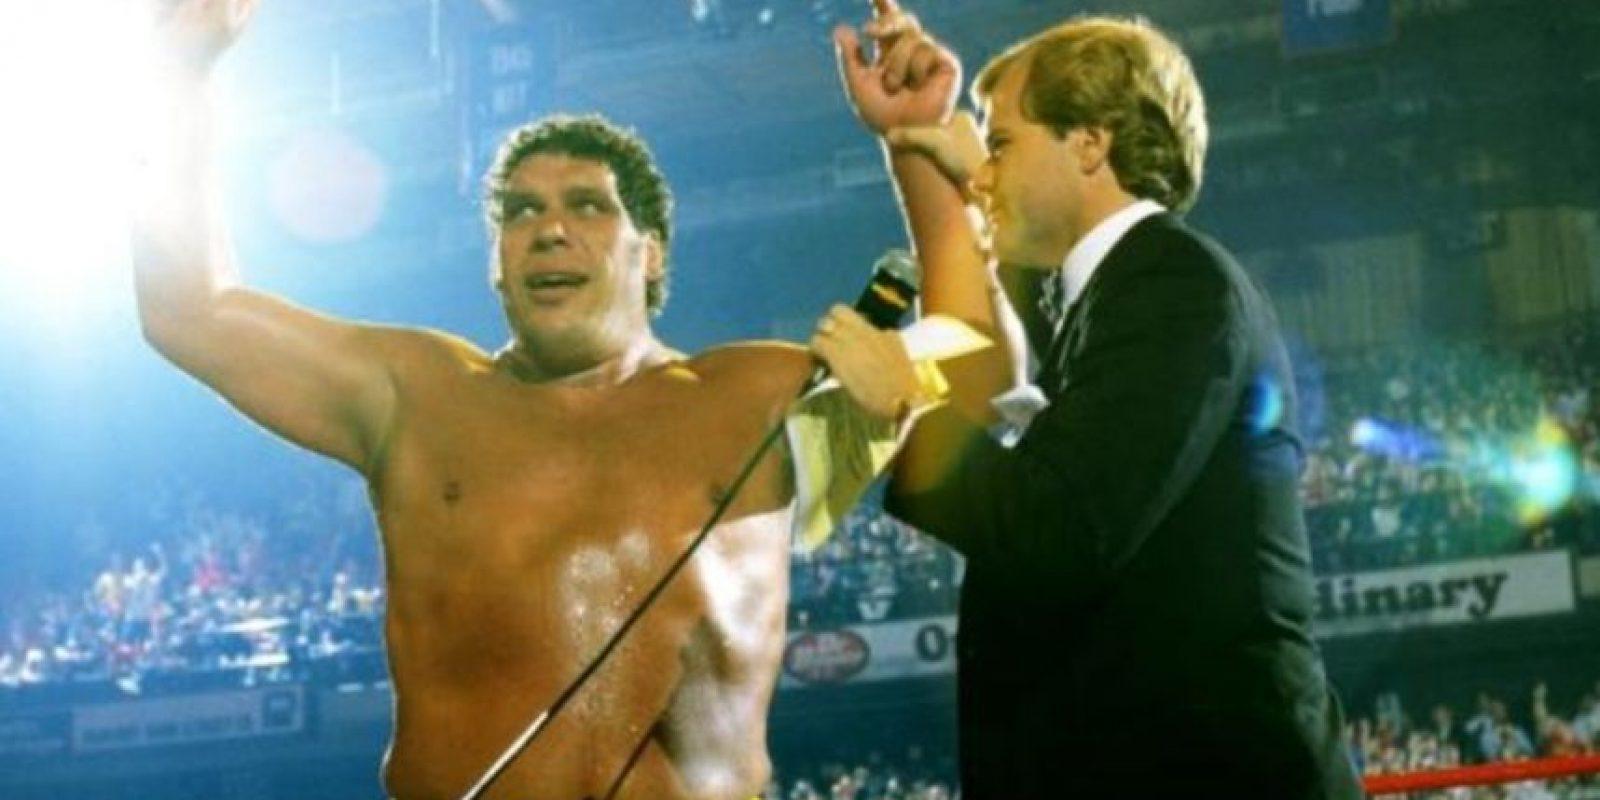 2. Andre el Gigante. The Main Event de 1998. Venció a Hulk Hogan, pero el réferi levantó las manos a ambos, dejando el título vacante Foto:WWE